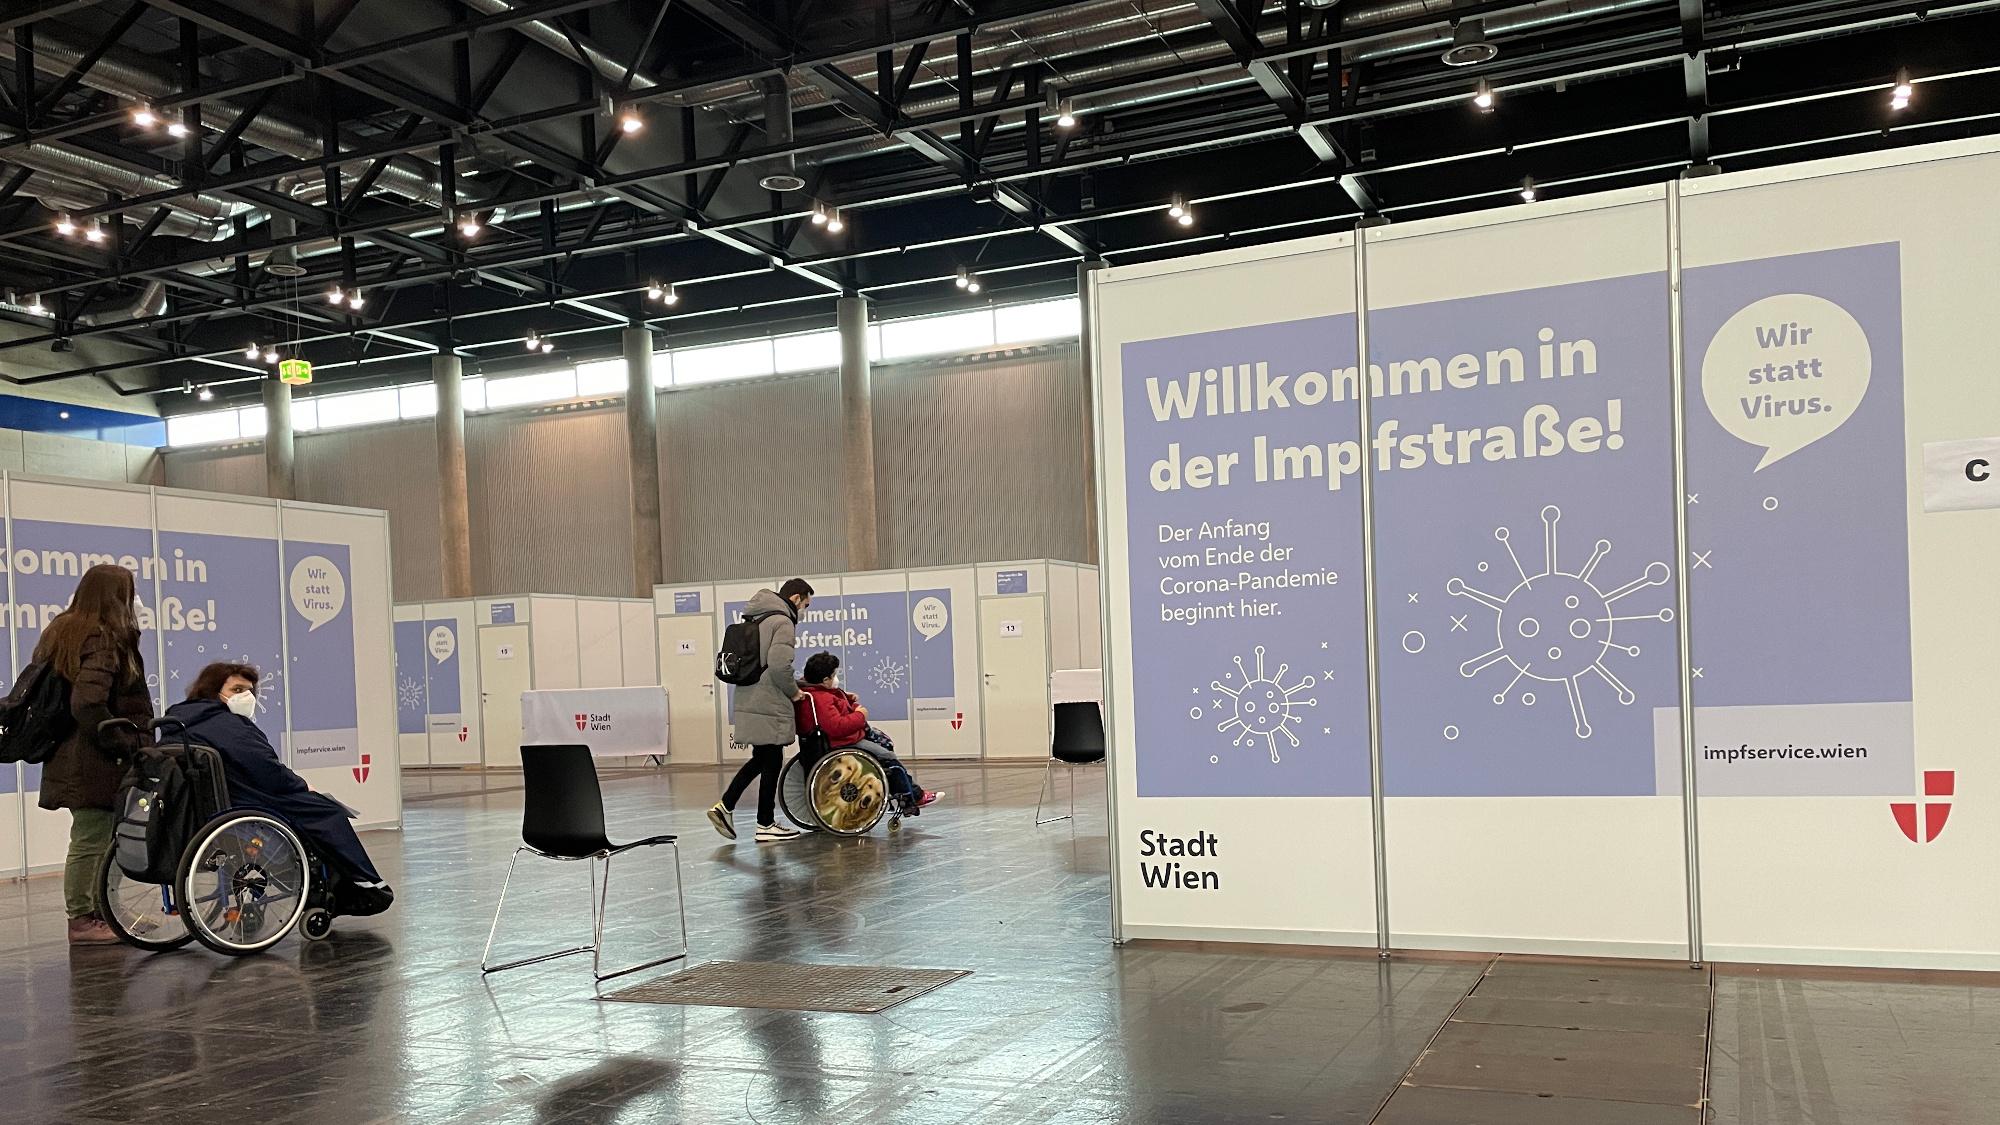 Willkommen in der Impfstraße - Corona-Schutzimpfung am 17.2.2021 in Wien